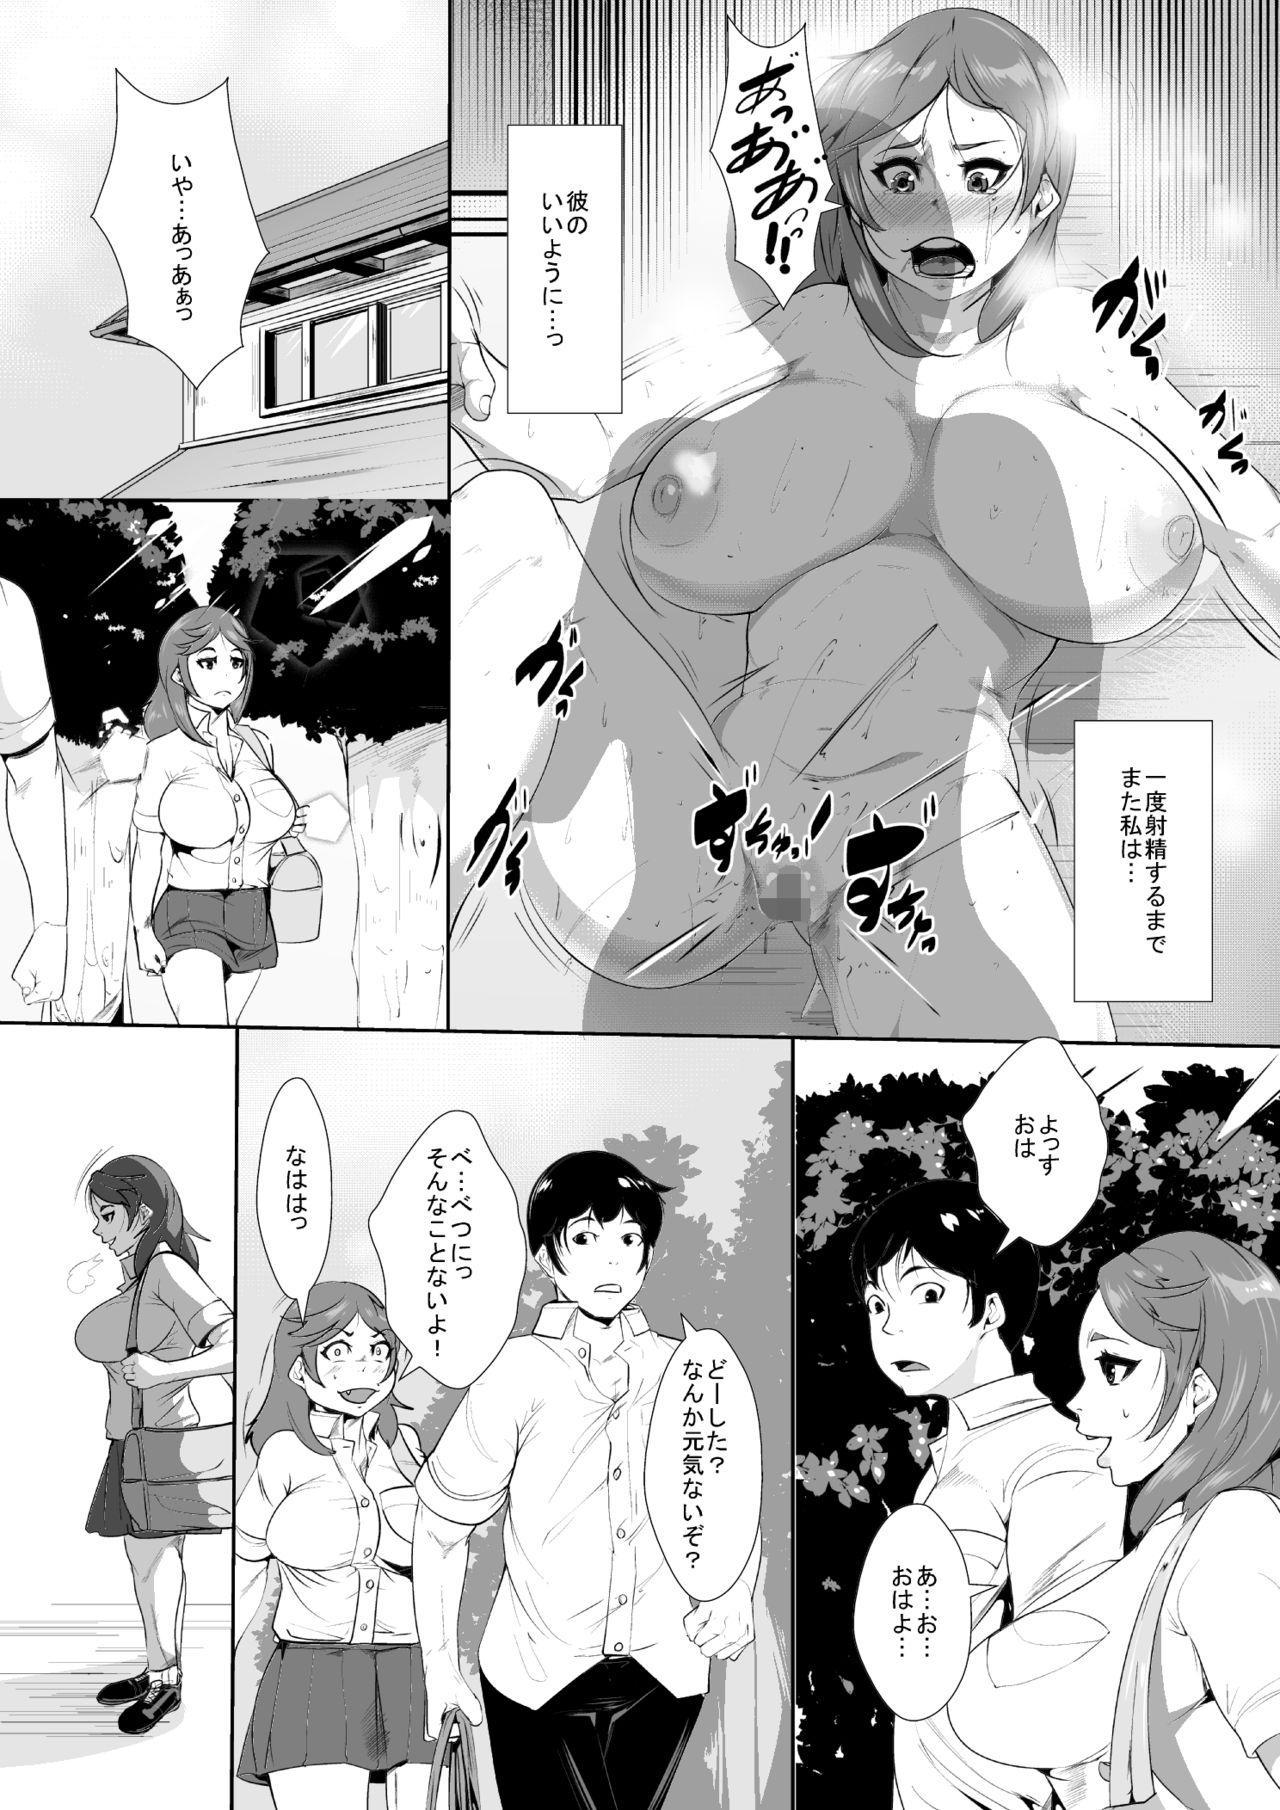 Naka no Yokatta Osananajimi no Sukiatteta Doukyuusei ga Seiyoku Sakan na Otoko ni Renjitsu Okasare Netorareru 9